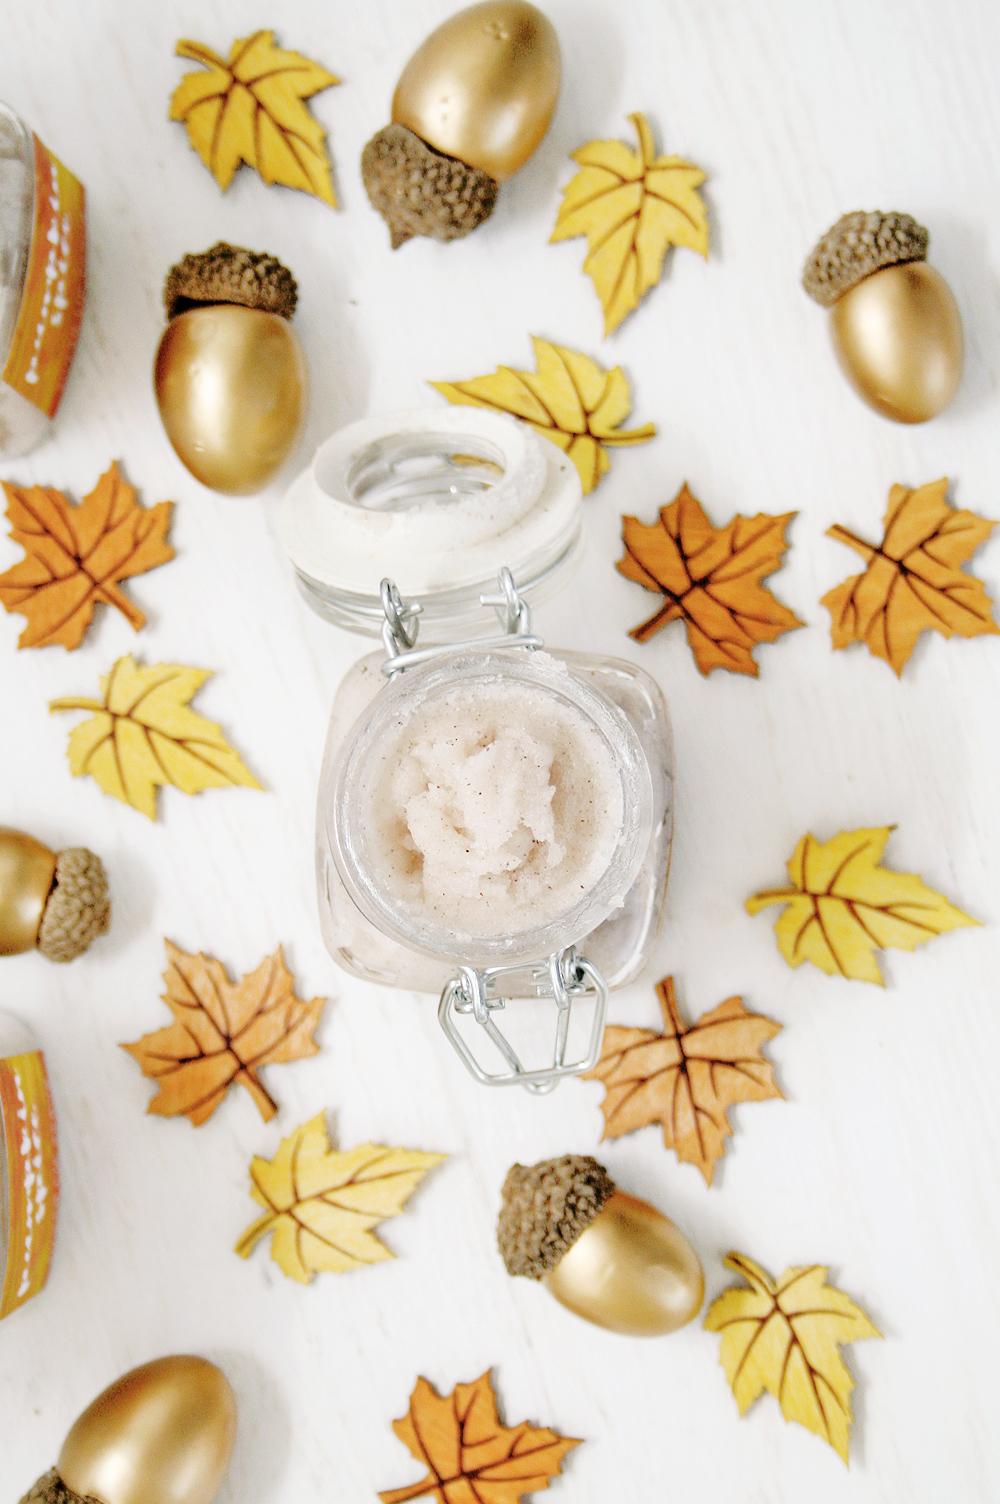 DIY Pumpkin Spice Sugar Lip Scrub | Club Crafted